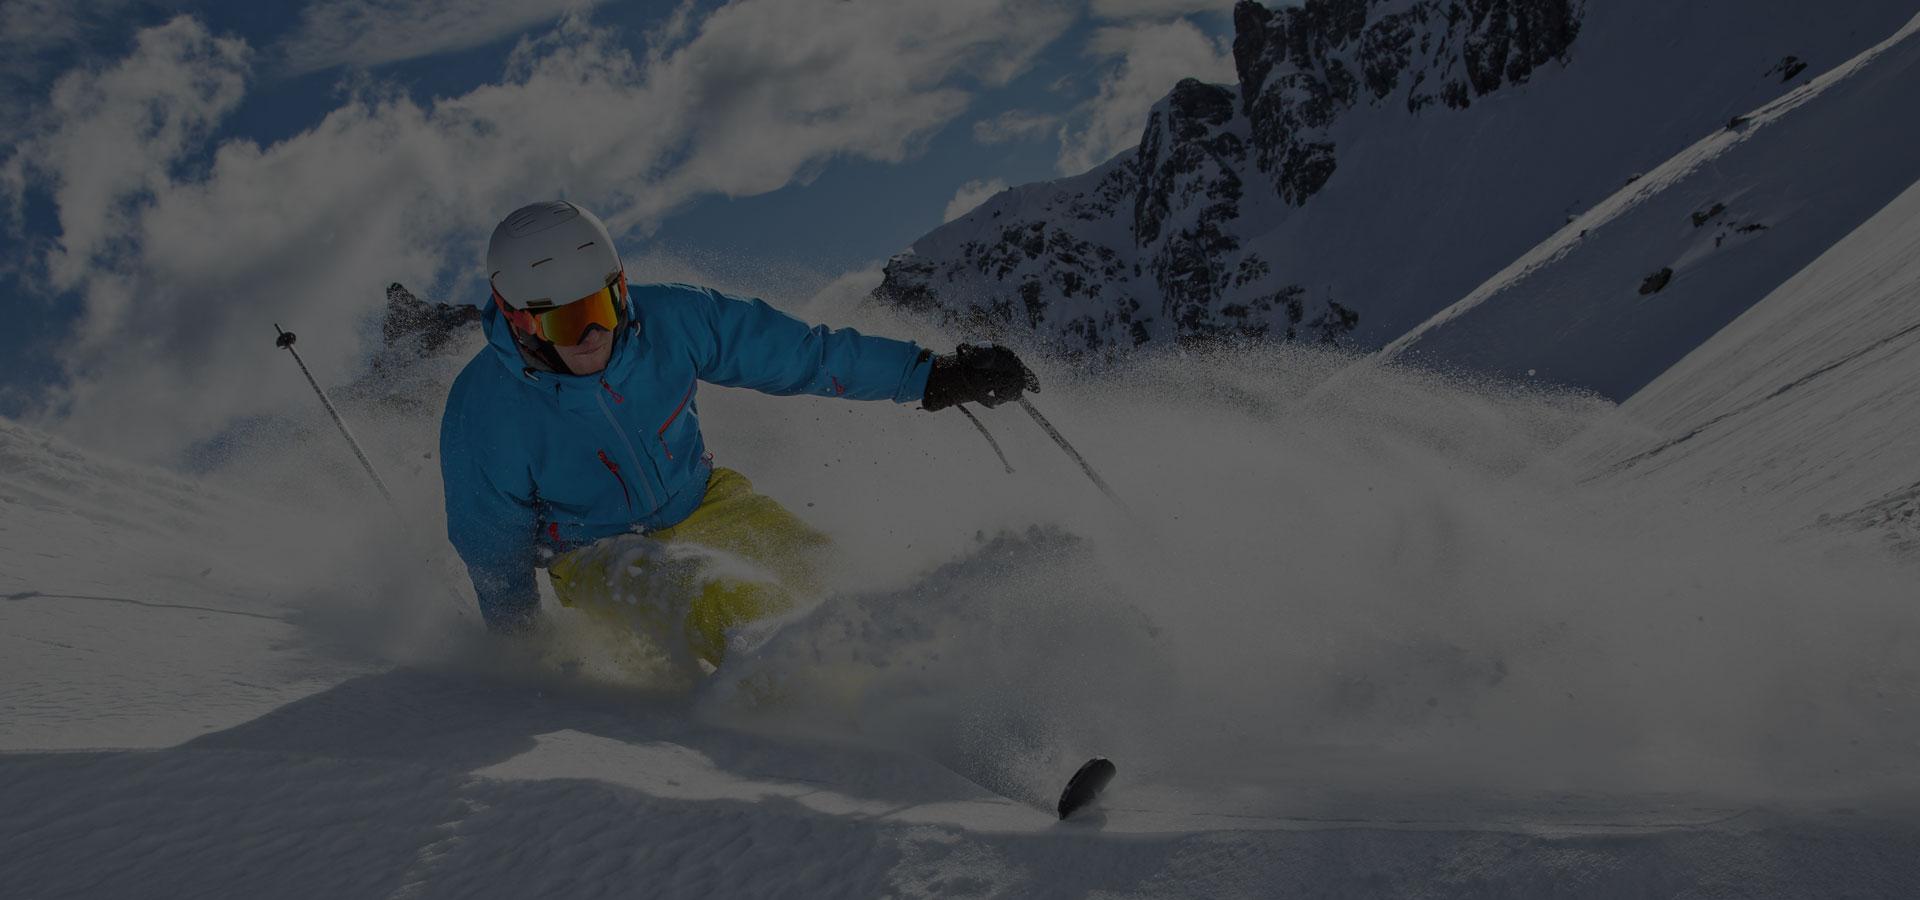 Les sports d'hiver : le ski